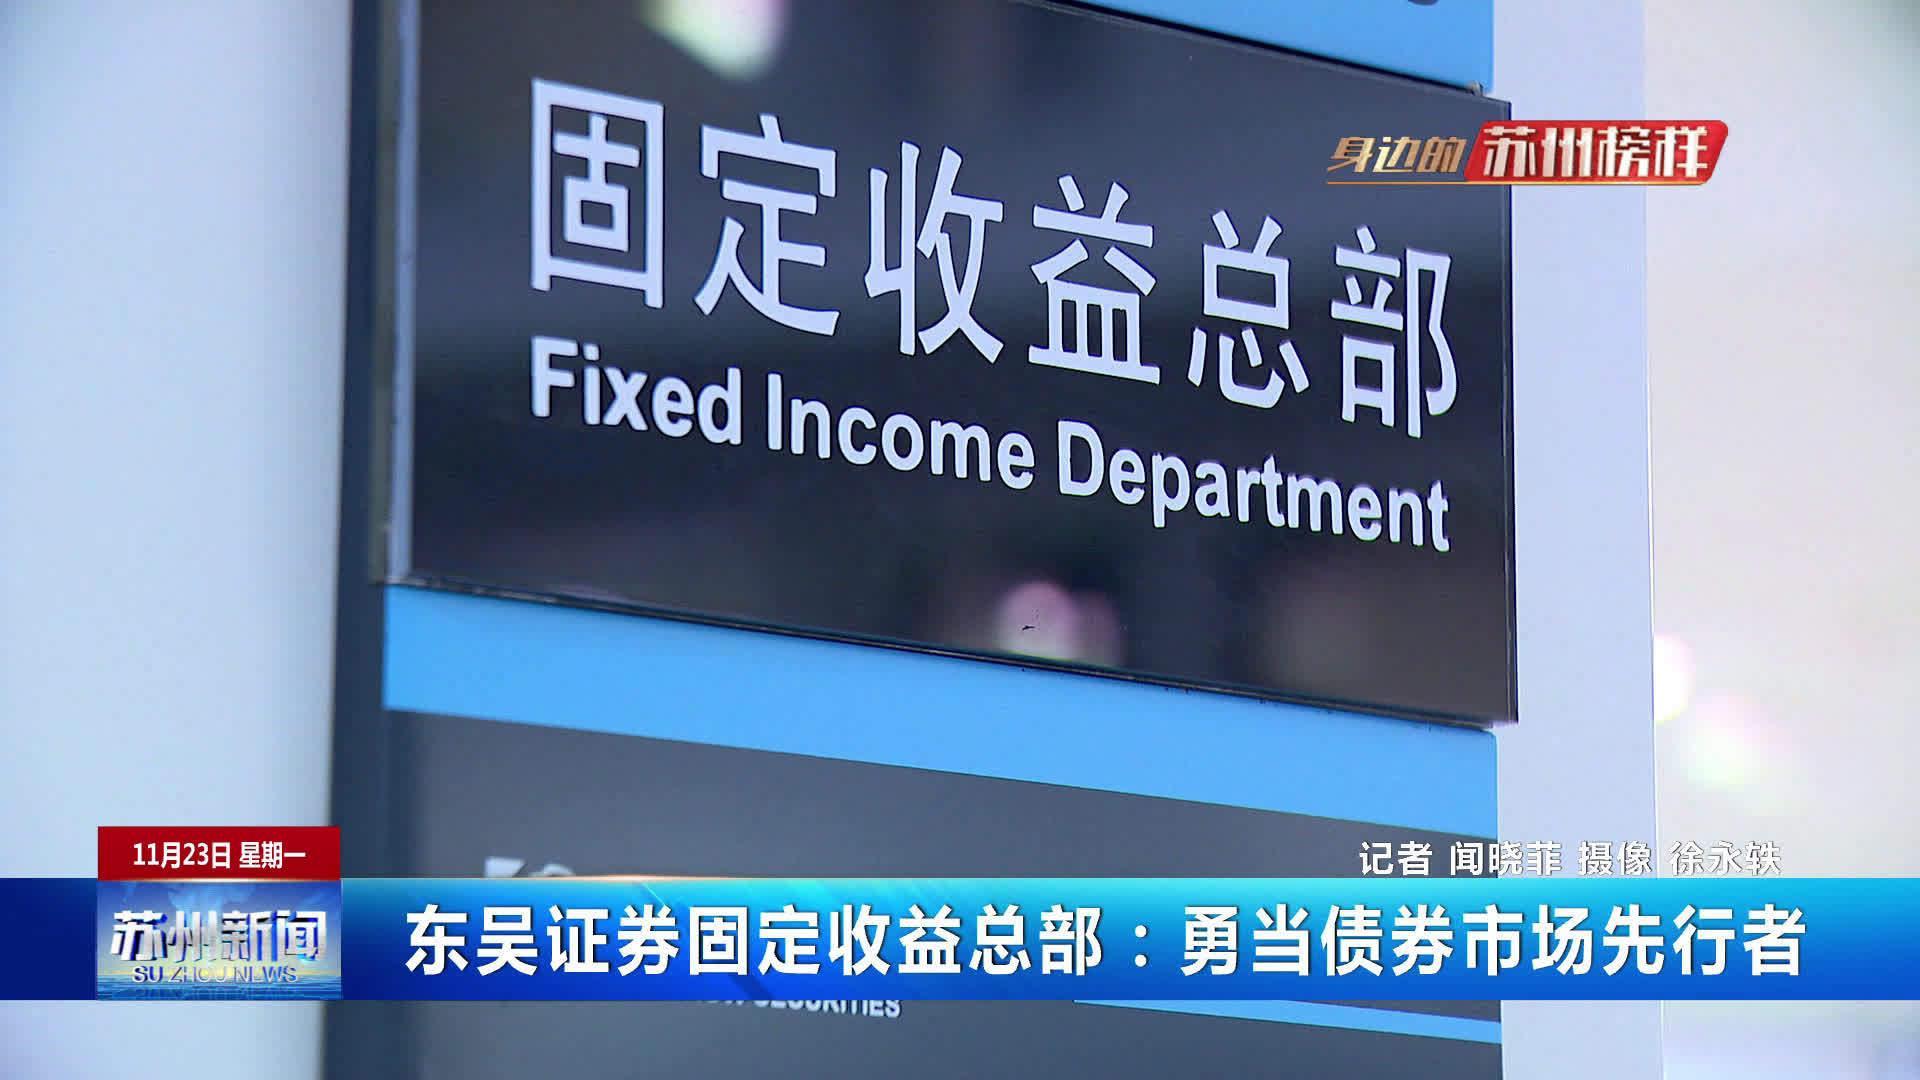 东吴证券固定收益总部:勇当债券市场先行者